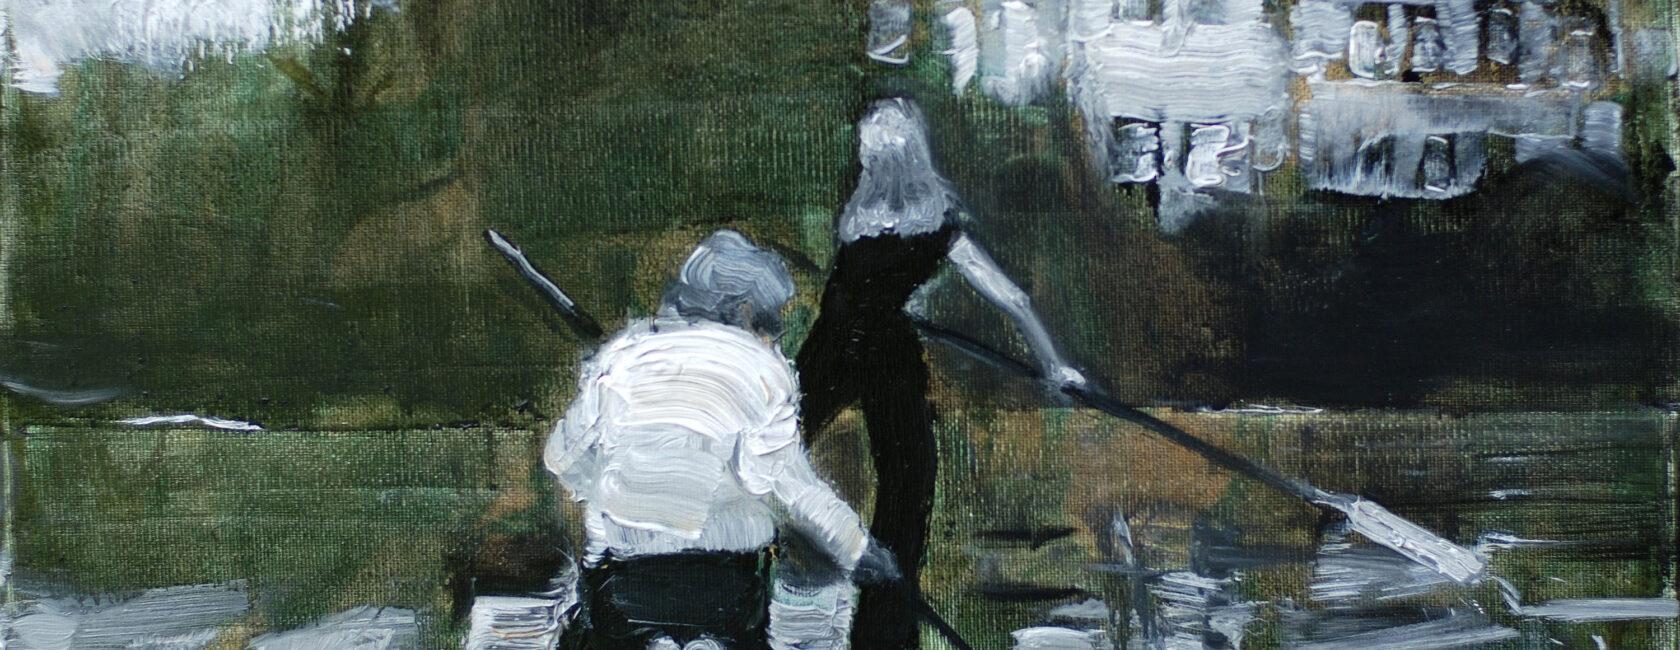 """Nauja paveikslų paroda pasiekė stiklinę galeriją """"Eglės sanatorijoje""""!"""